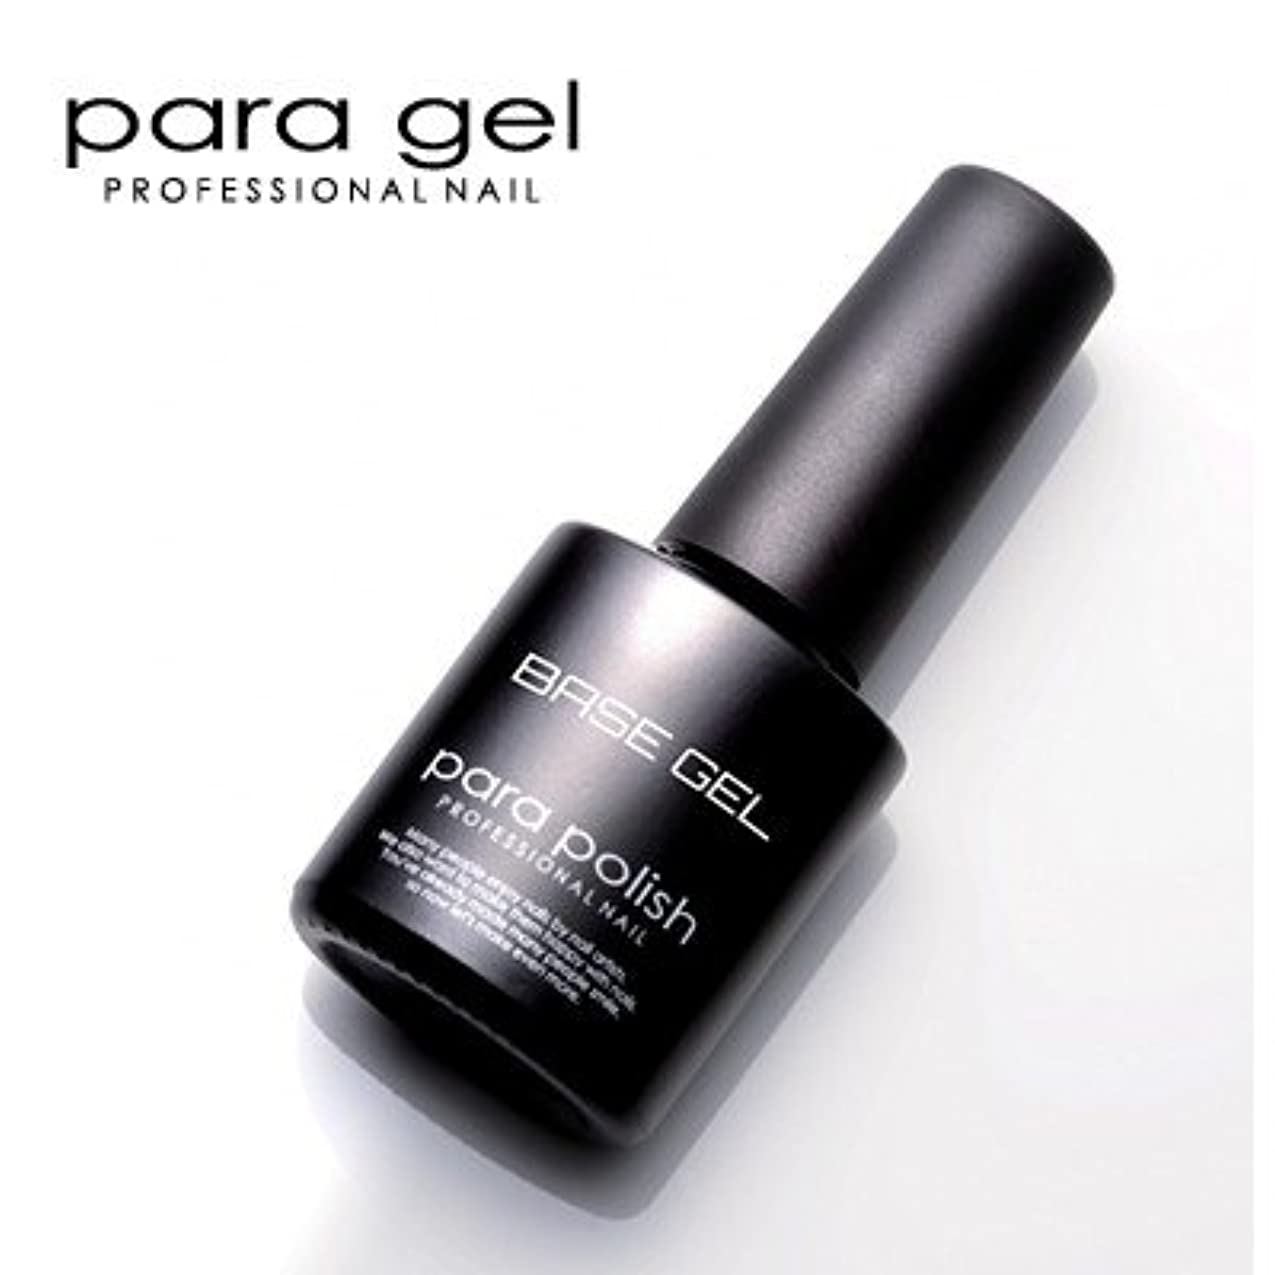 モロニック不毛の海里パラジェル para polish(パラポリッシュ) ベースジェル 7g